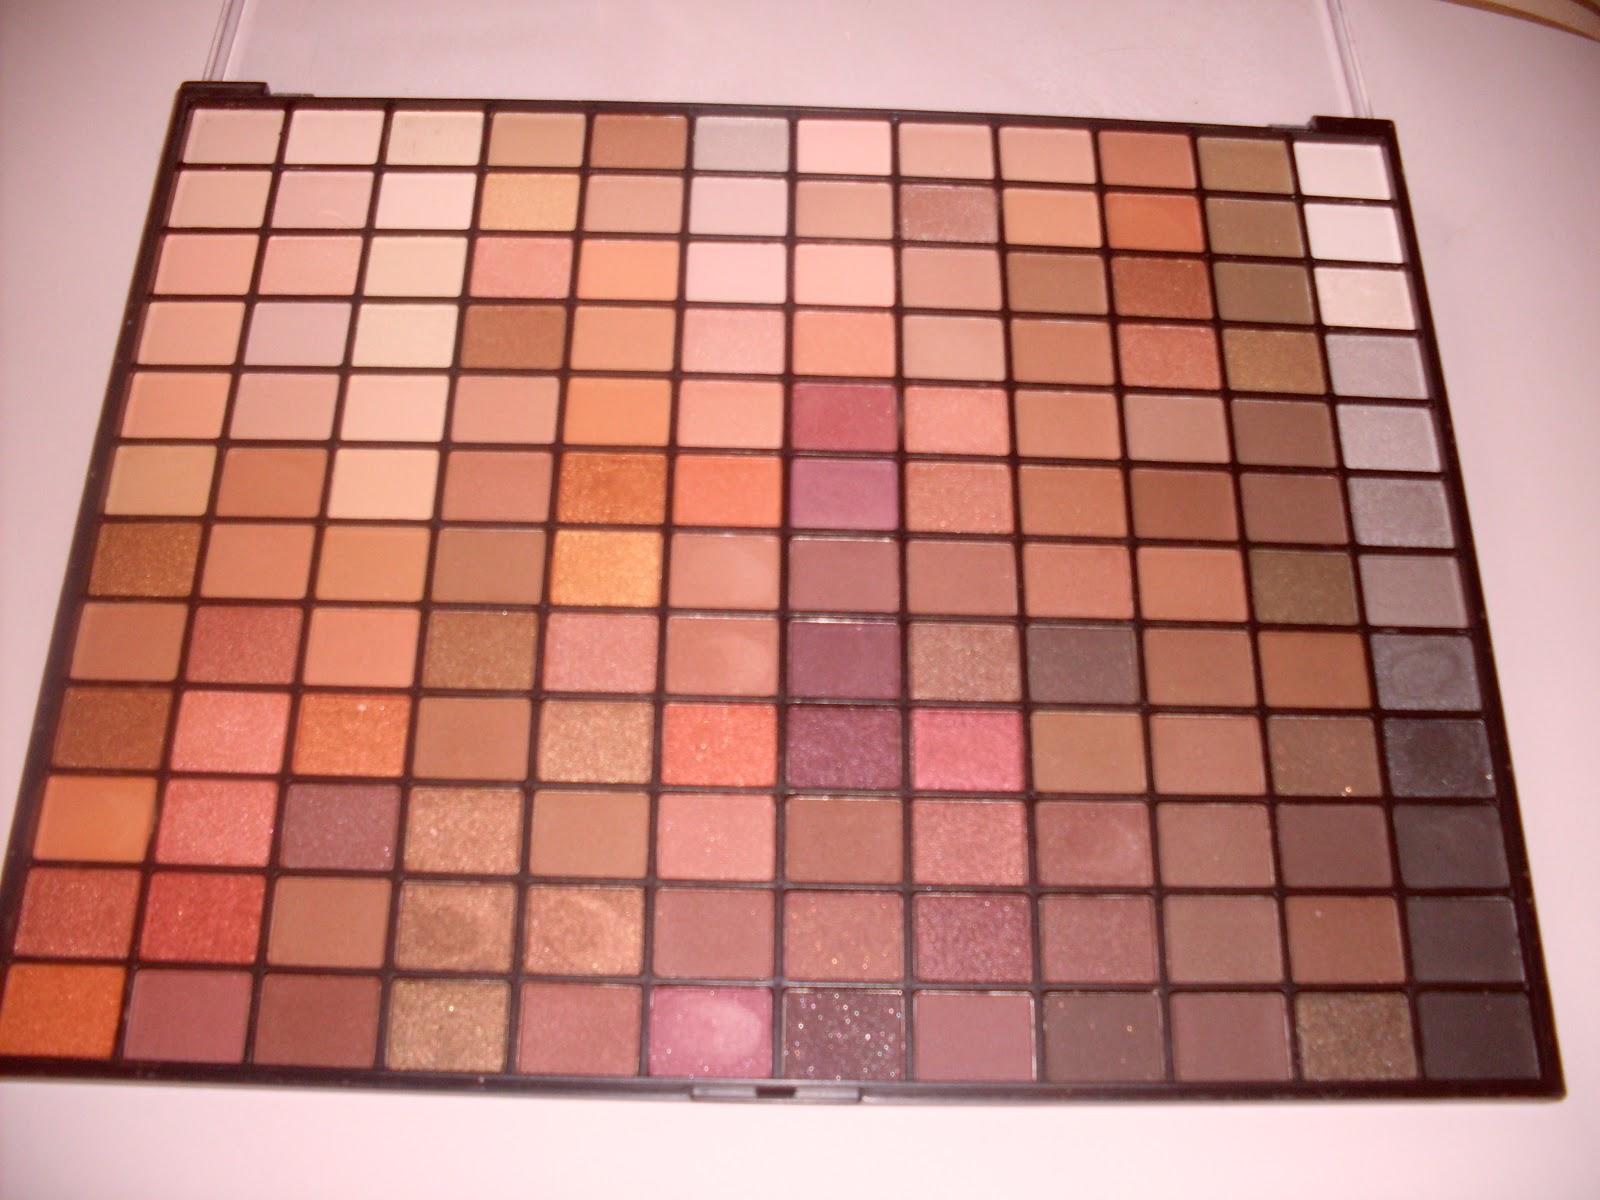 Elf 144 neutral eyeshadow palette